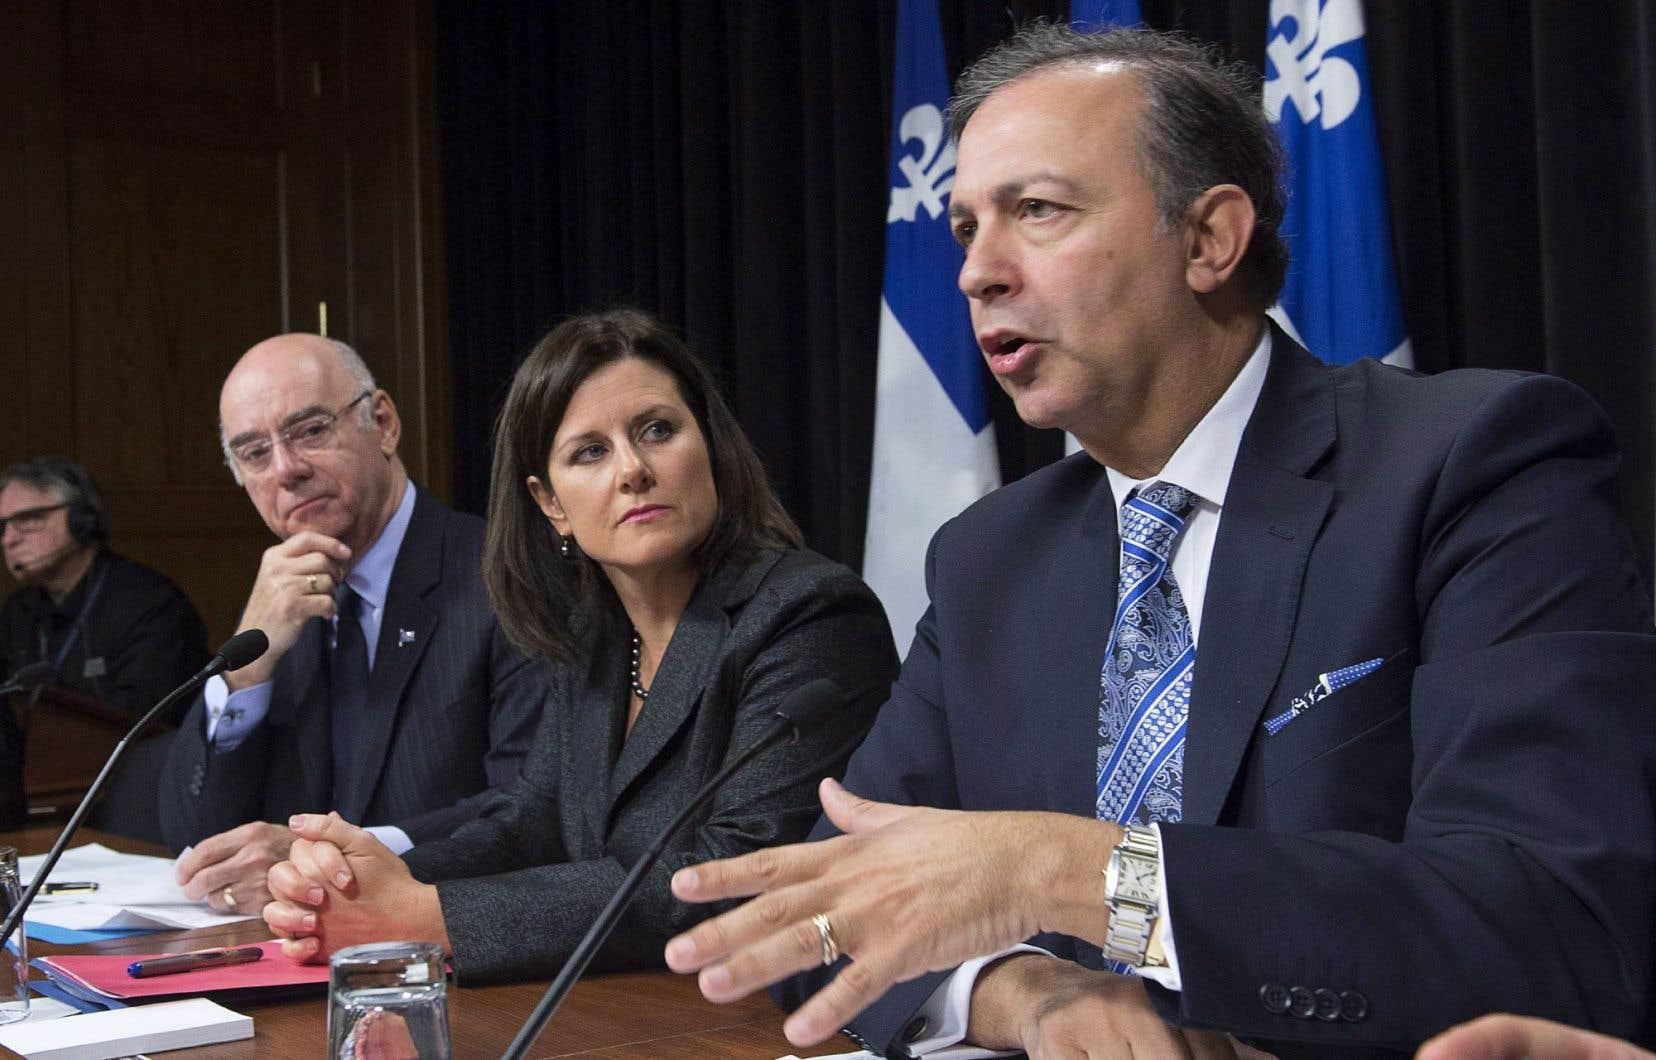 Le gouvernement libéral est sur la sellette depuis l'arrestation de l'ex-vice-première ministre, Nathalie Normandeau.